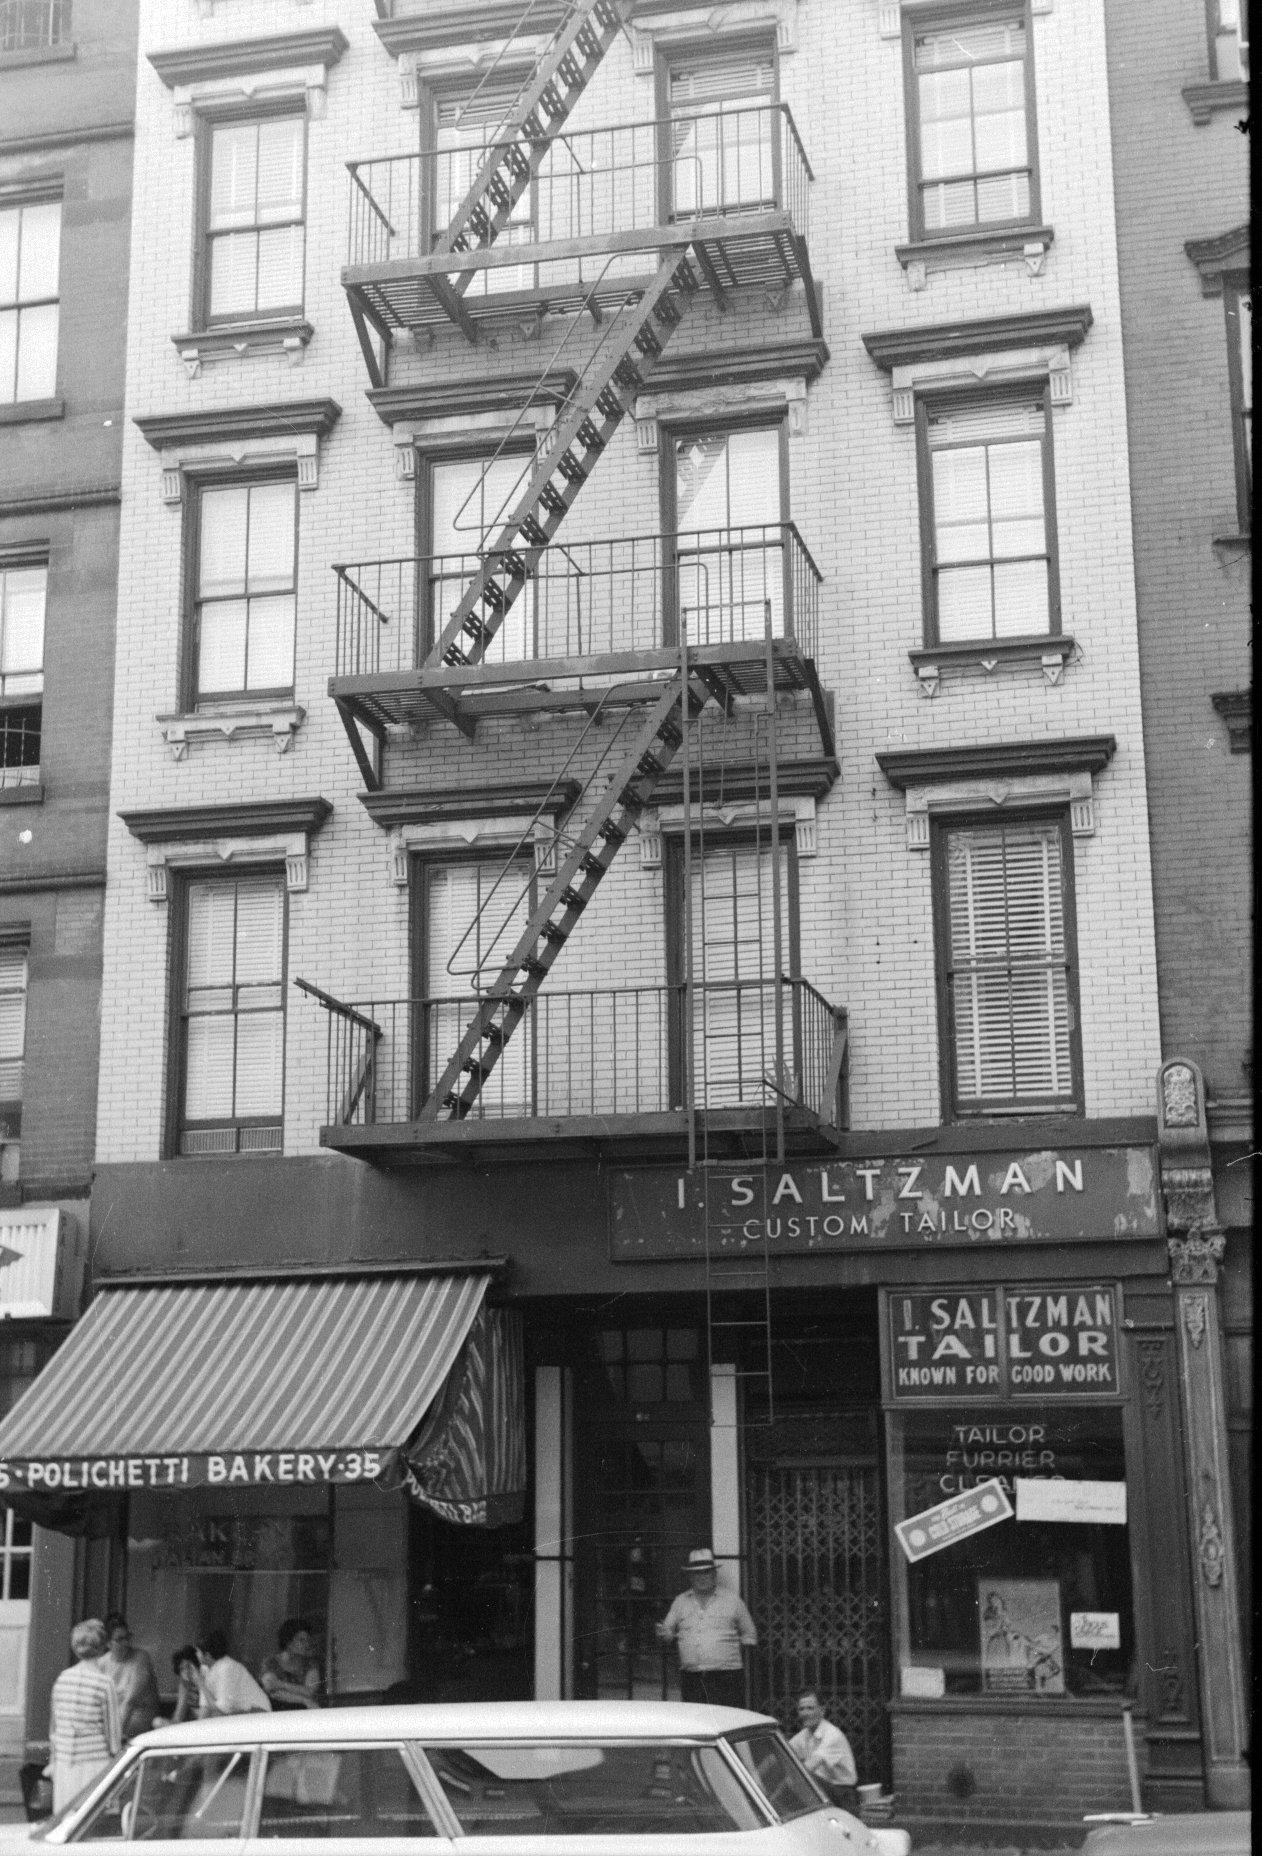 New York - Saltzman Tailor